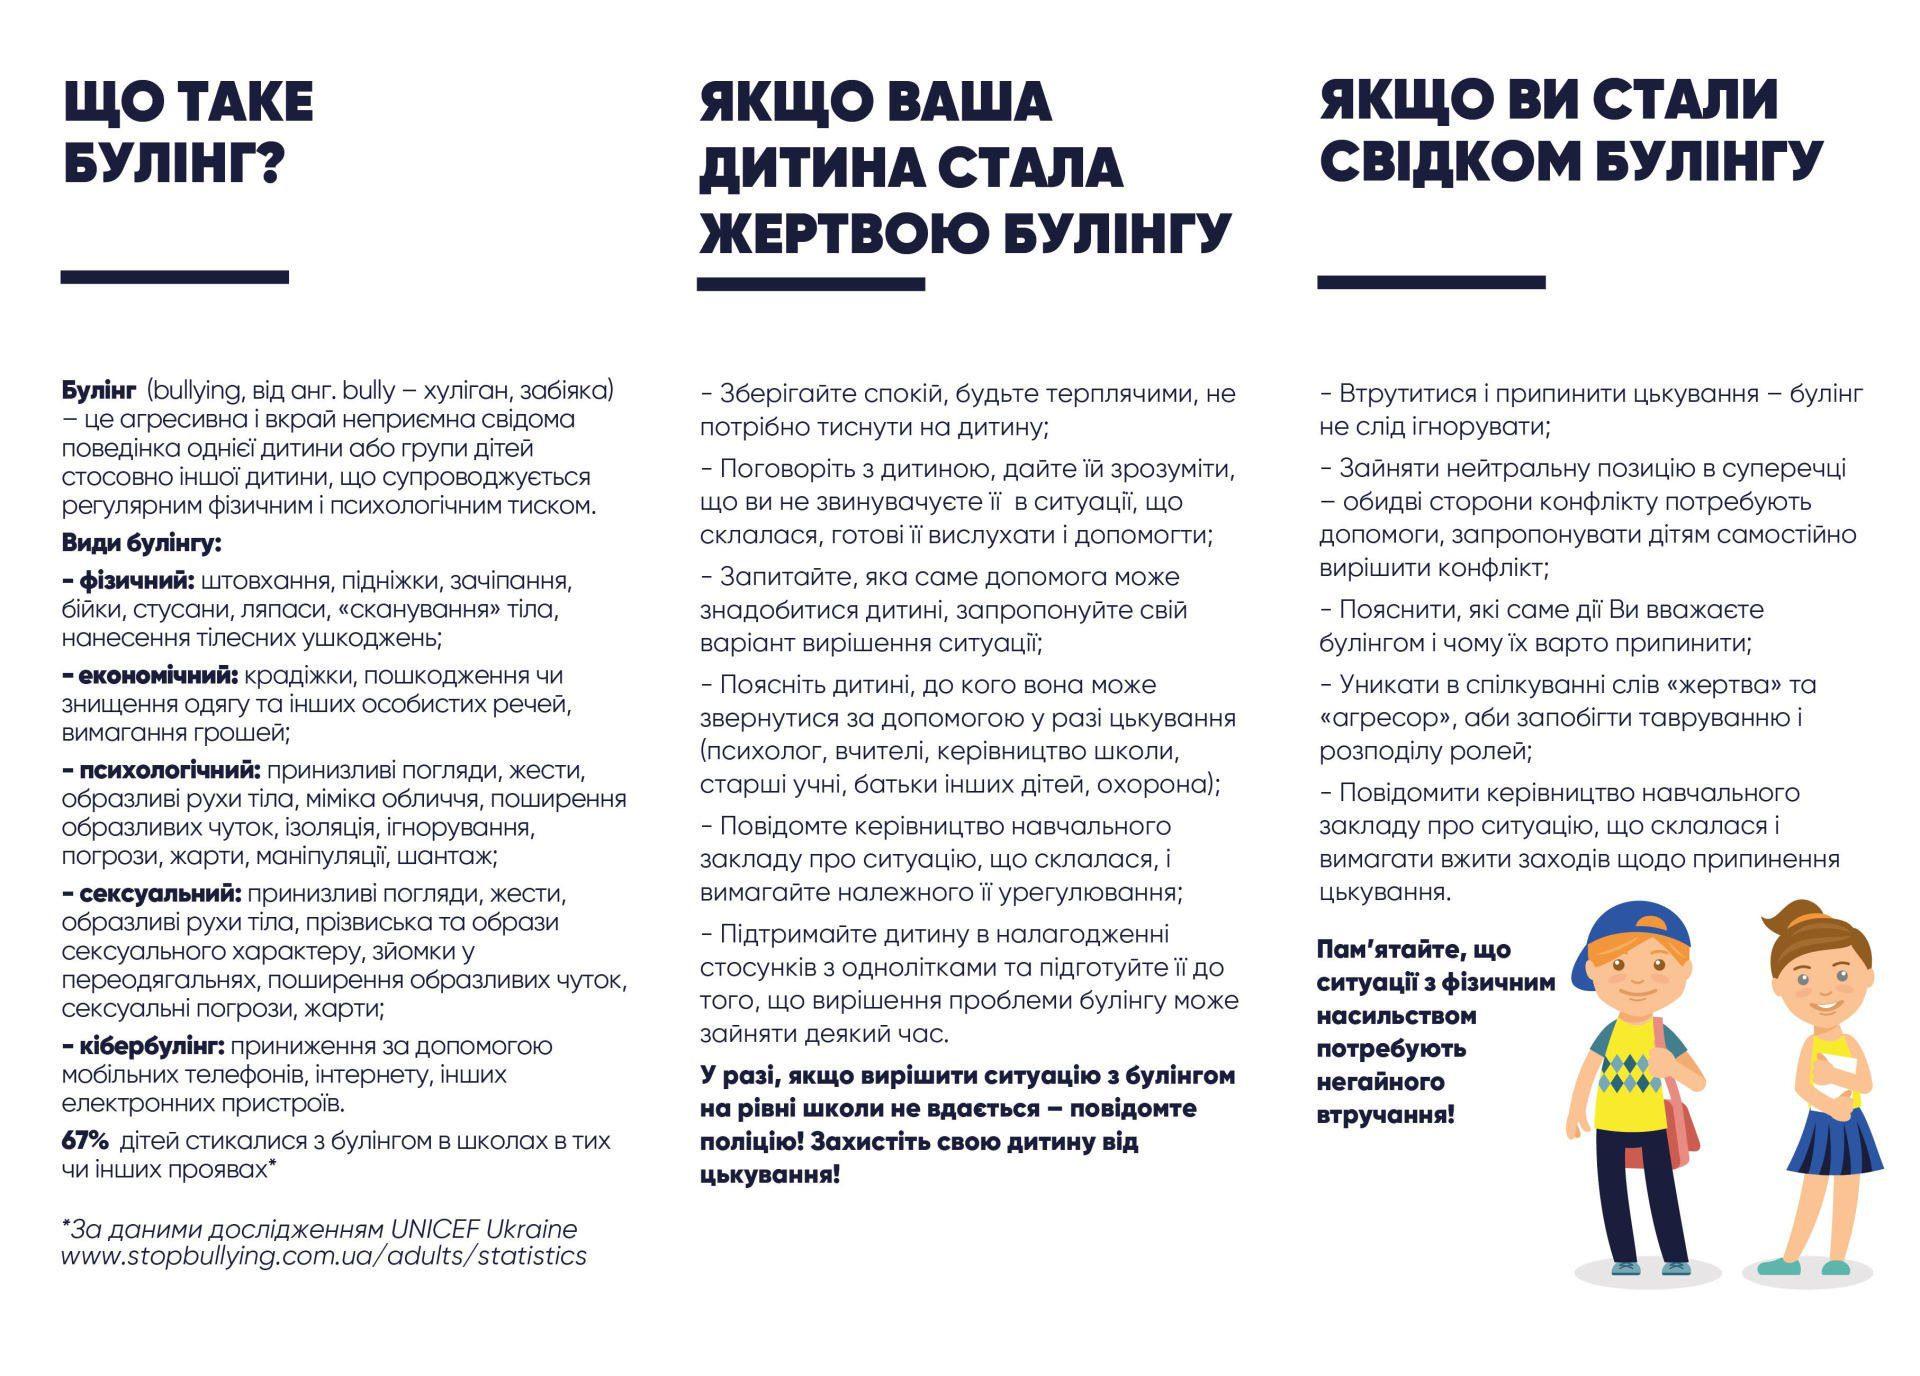 8af06f580d4cc09acea9a2ff33b40ed8 - За рік в українських школах зафіксовано 109 тисяч фактів цькування дітей - Заборона